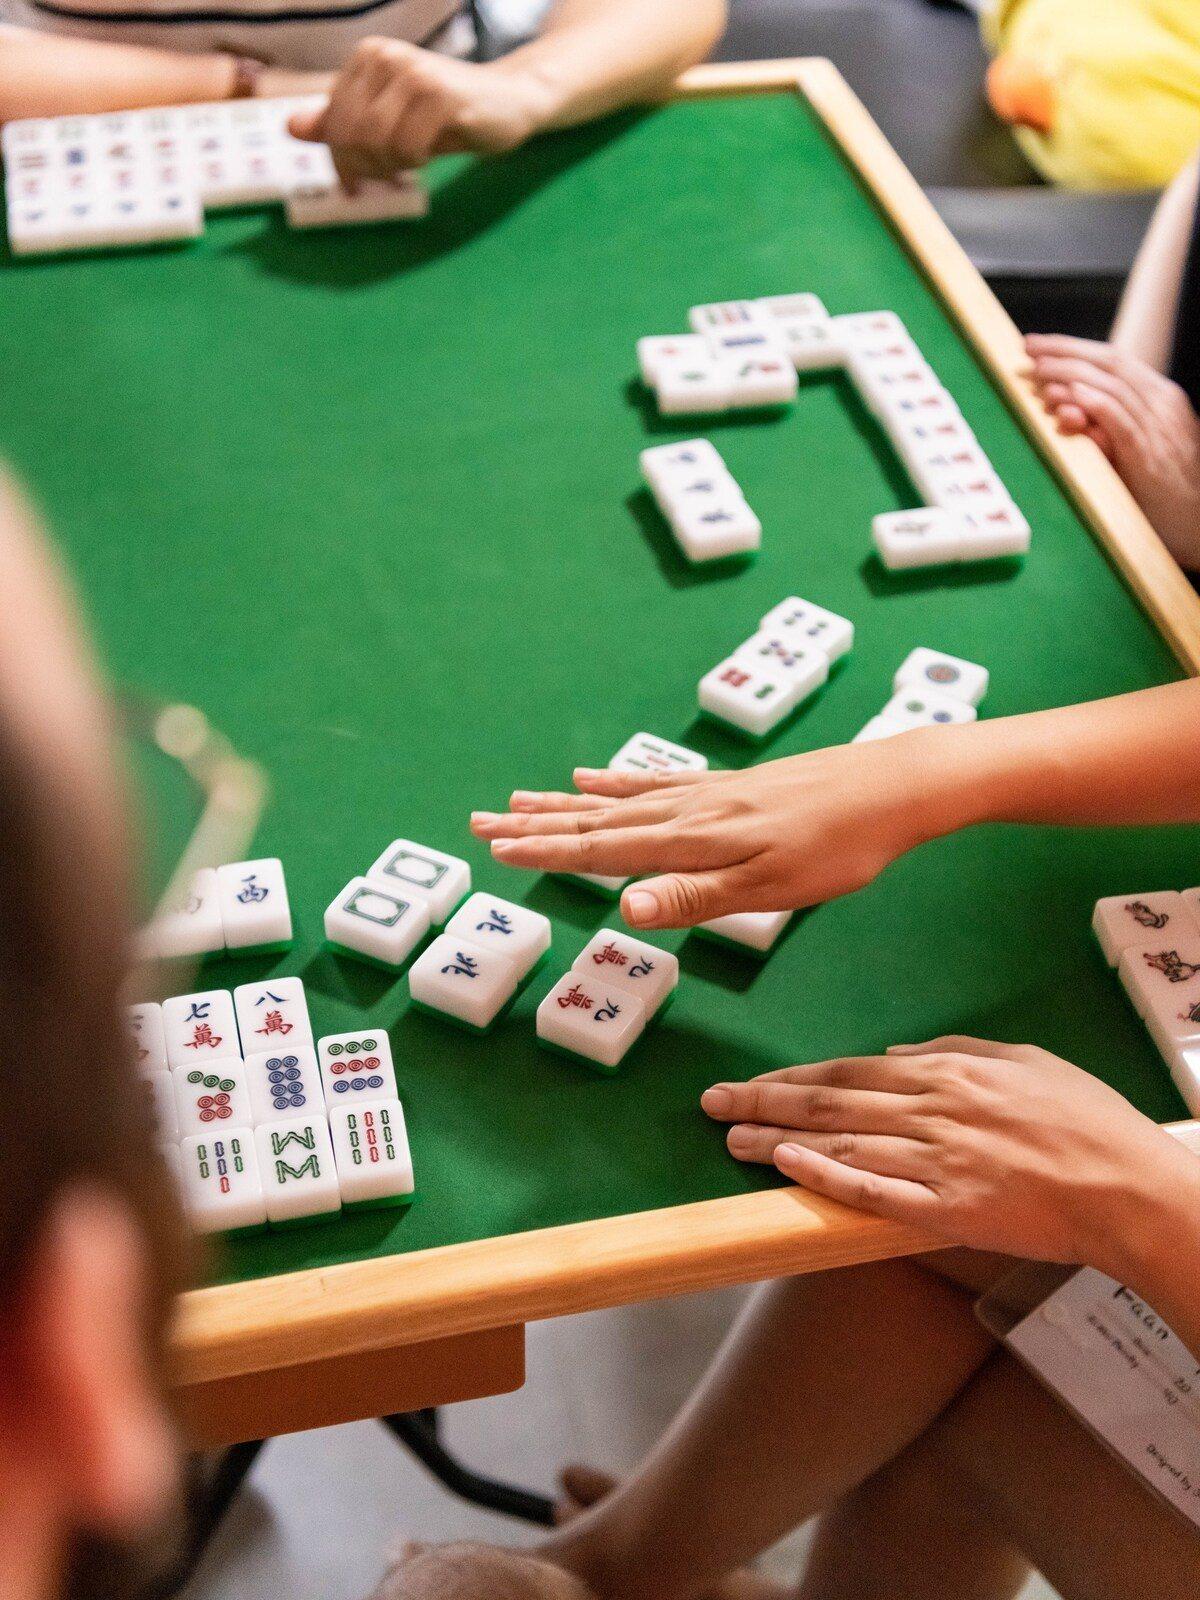 Become a Master at Mahjong